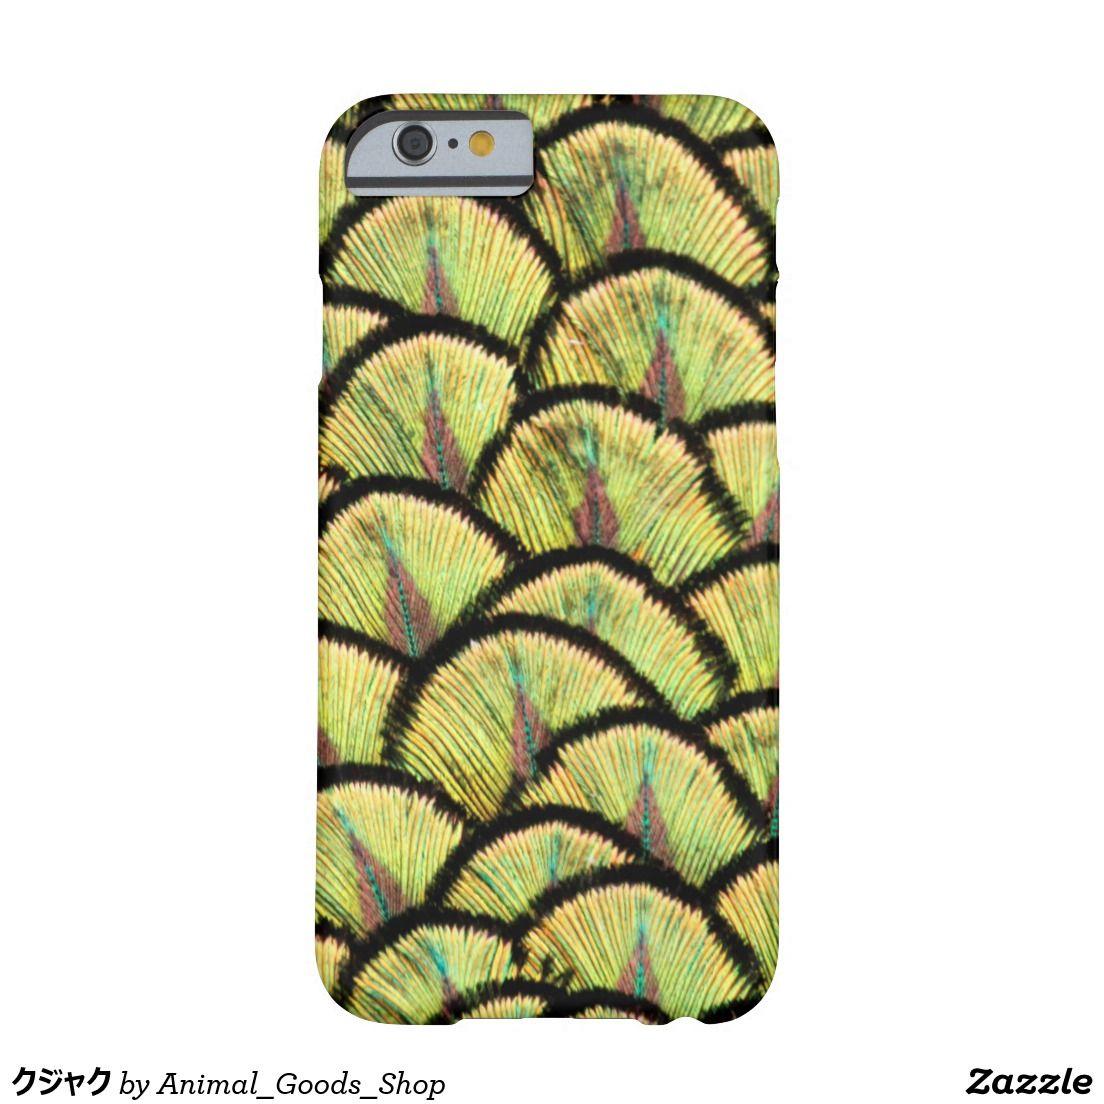 クジャク iPhone 6 ベアリーゼアケース